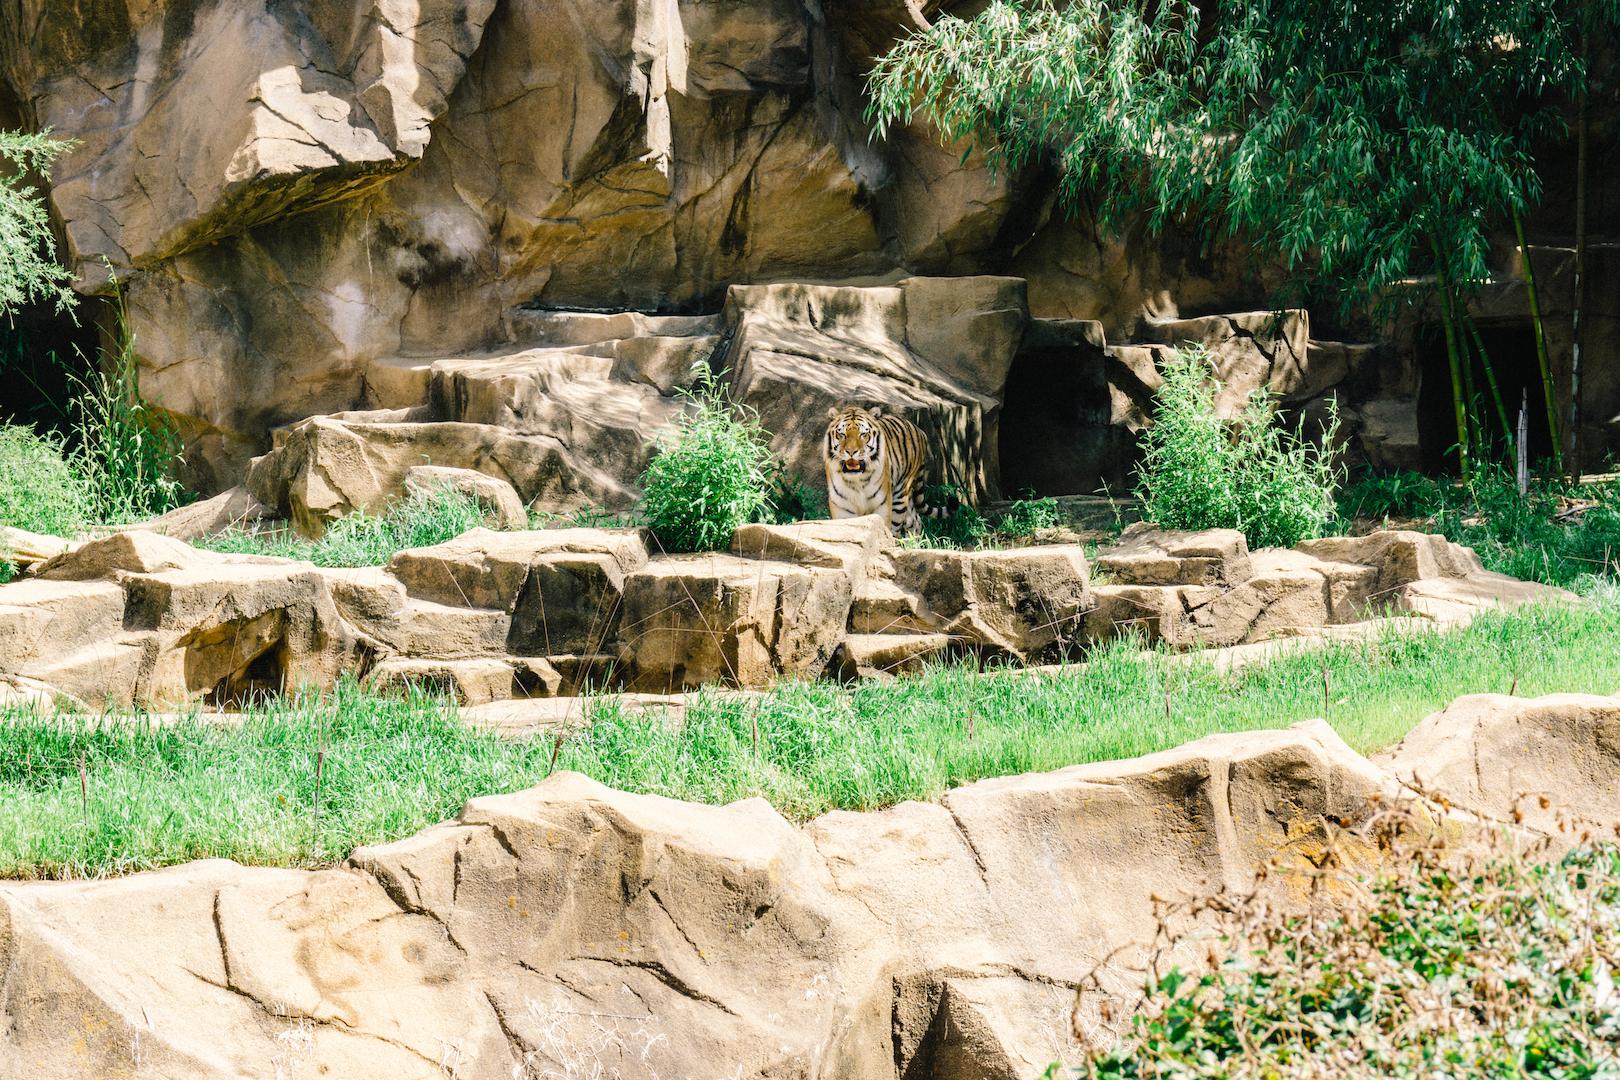 Tiger at Riverbanks Zoo